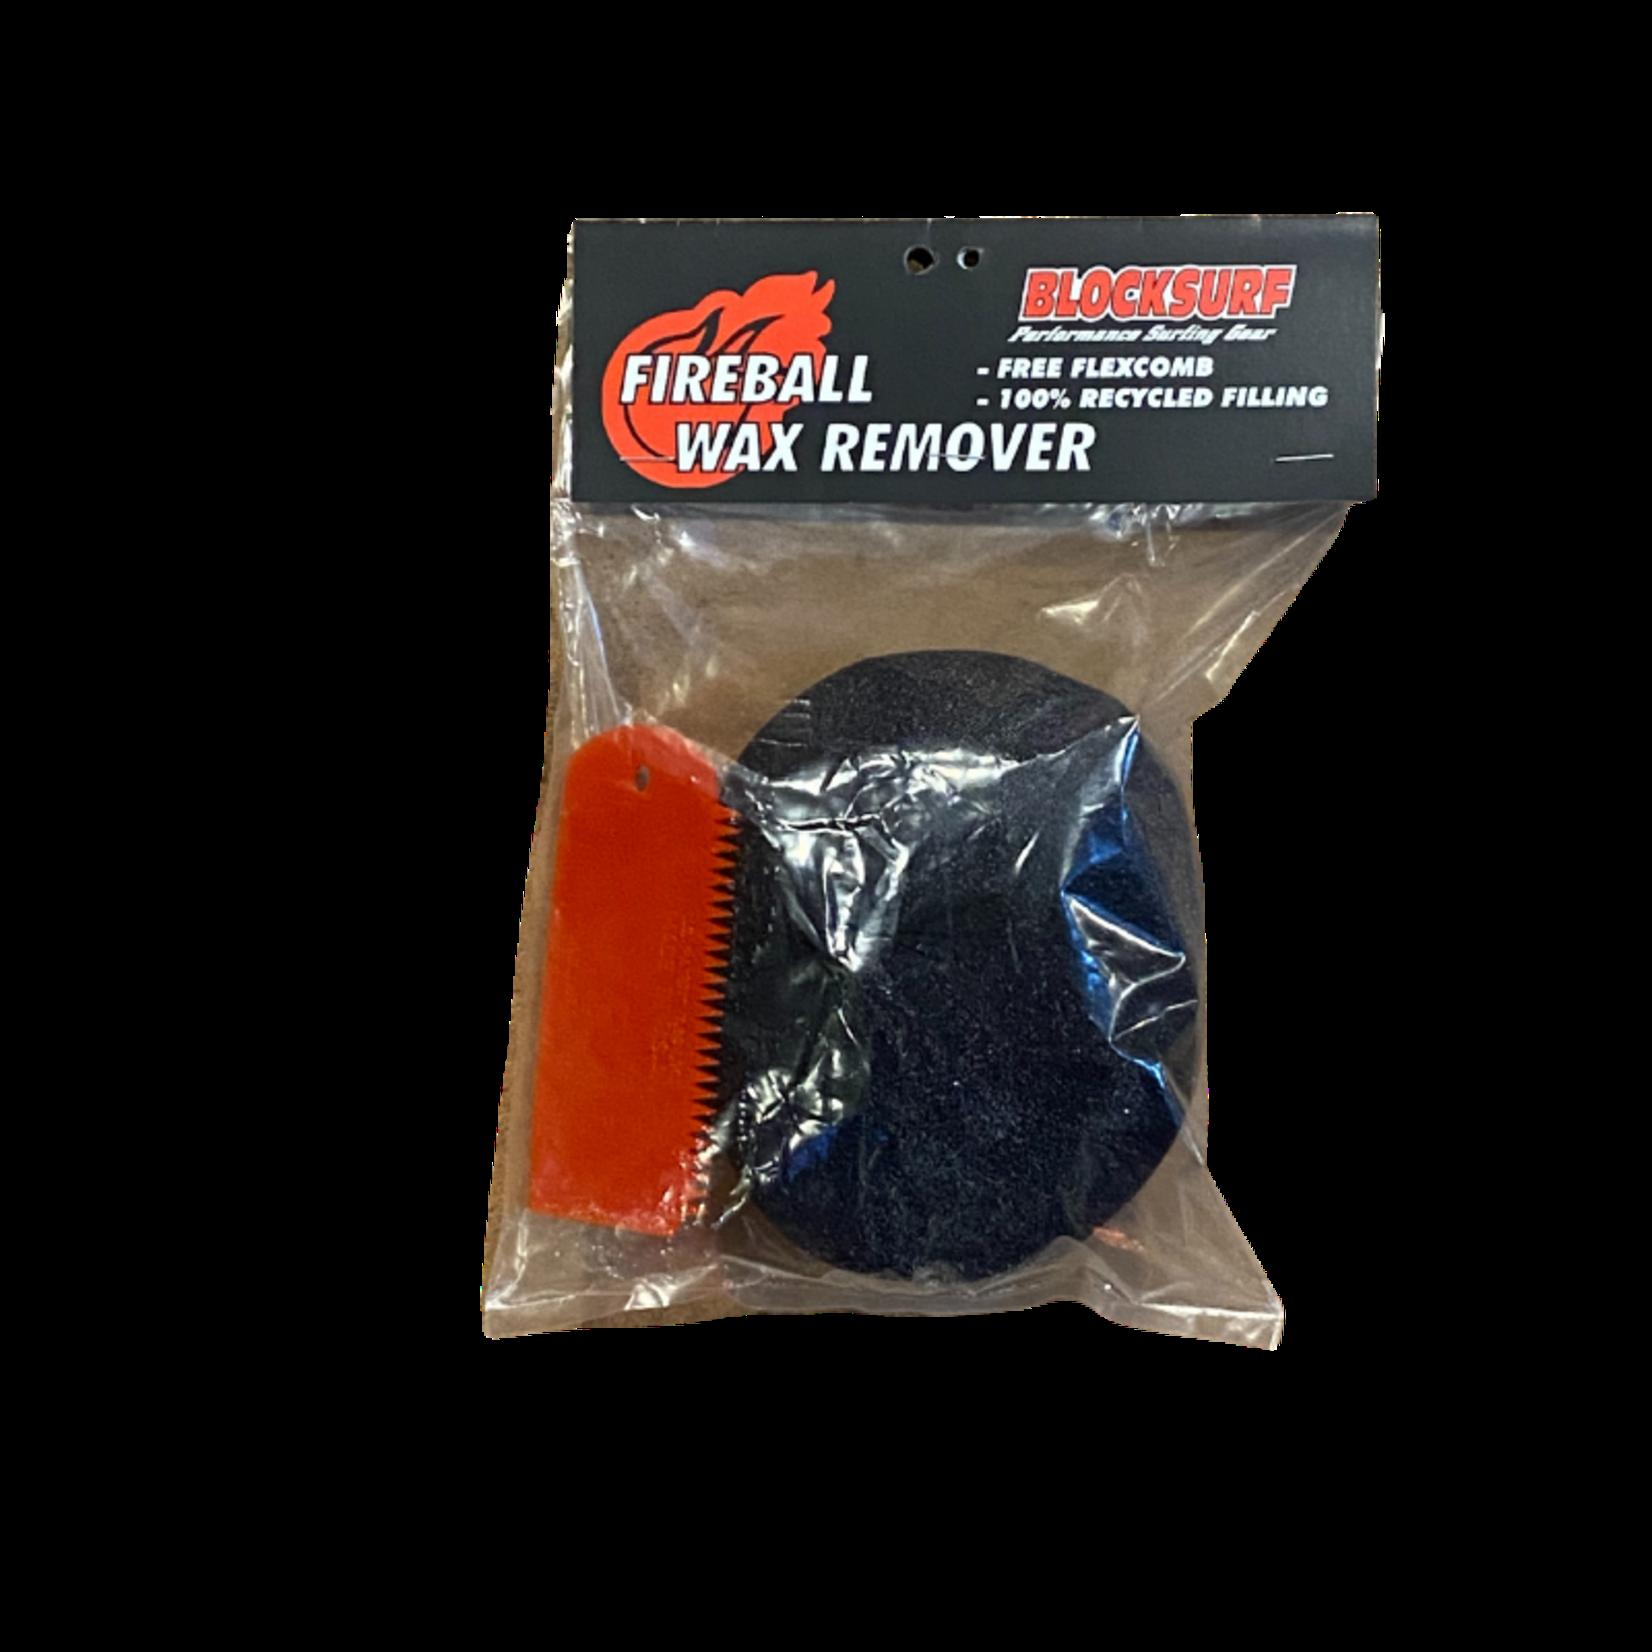 BLOCKSURF Fireball Wax Remover